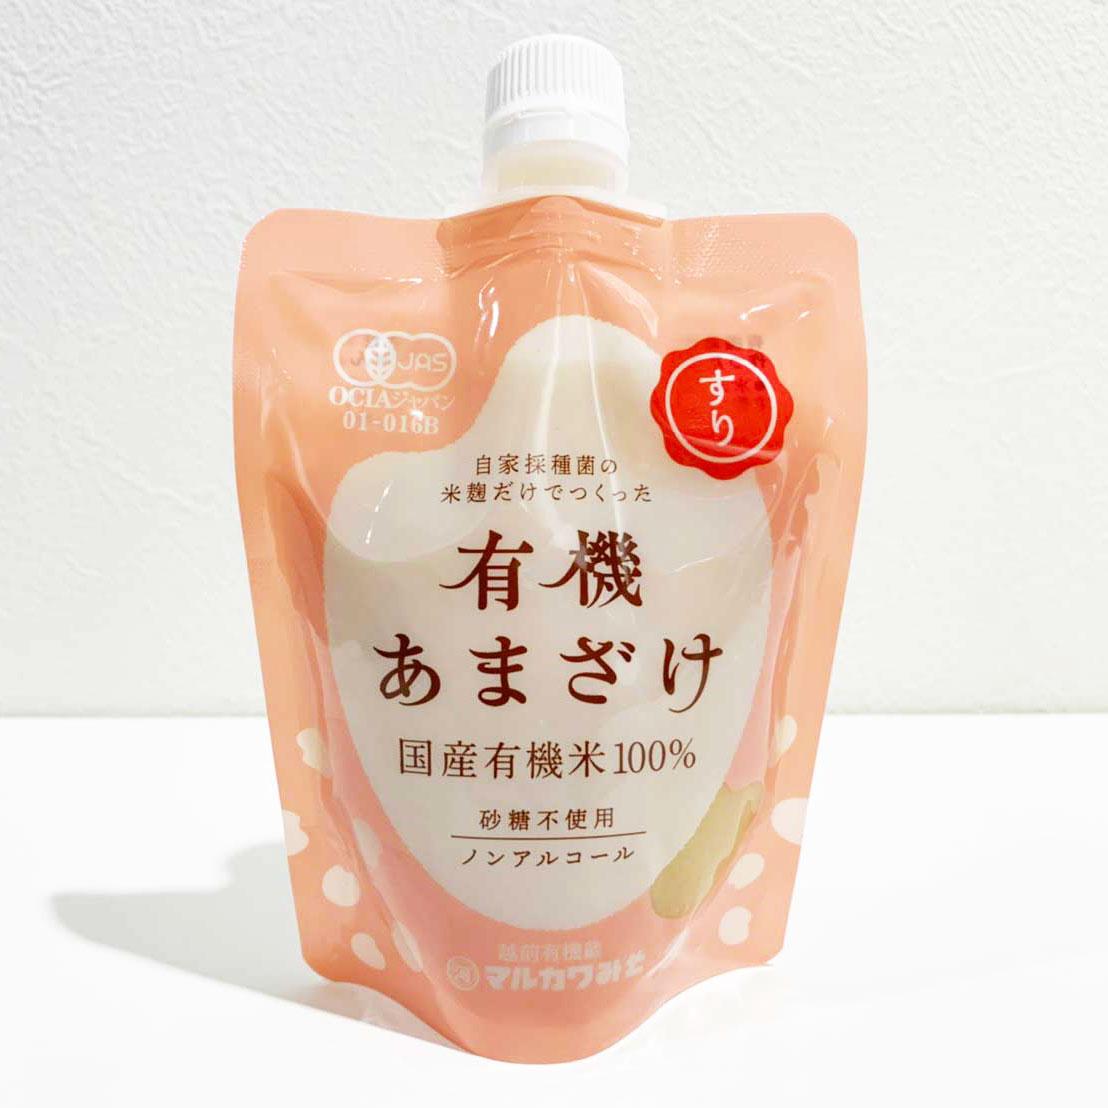 【白米&玄米あまざけセット】自家採種菌の米麹だけでつくった 有機栽培白米あまざけ&自然栽培玄米あまざけ